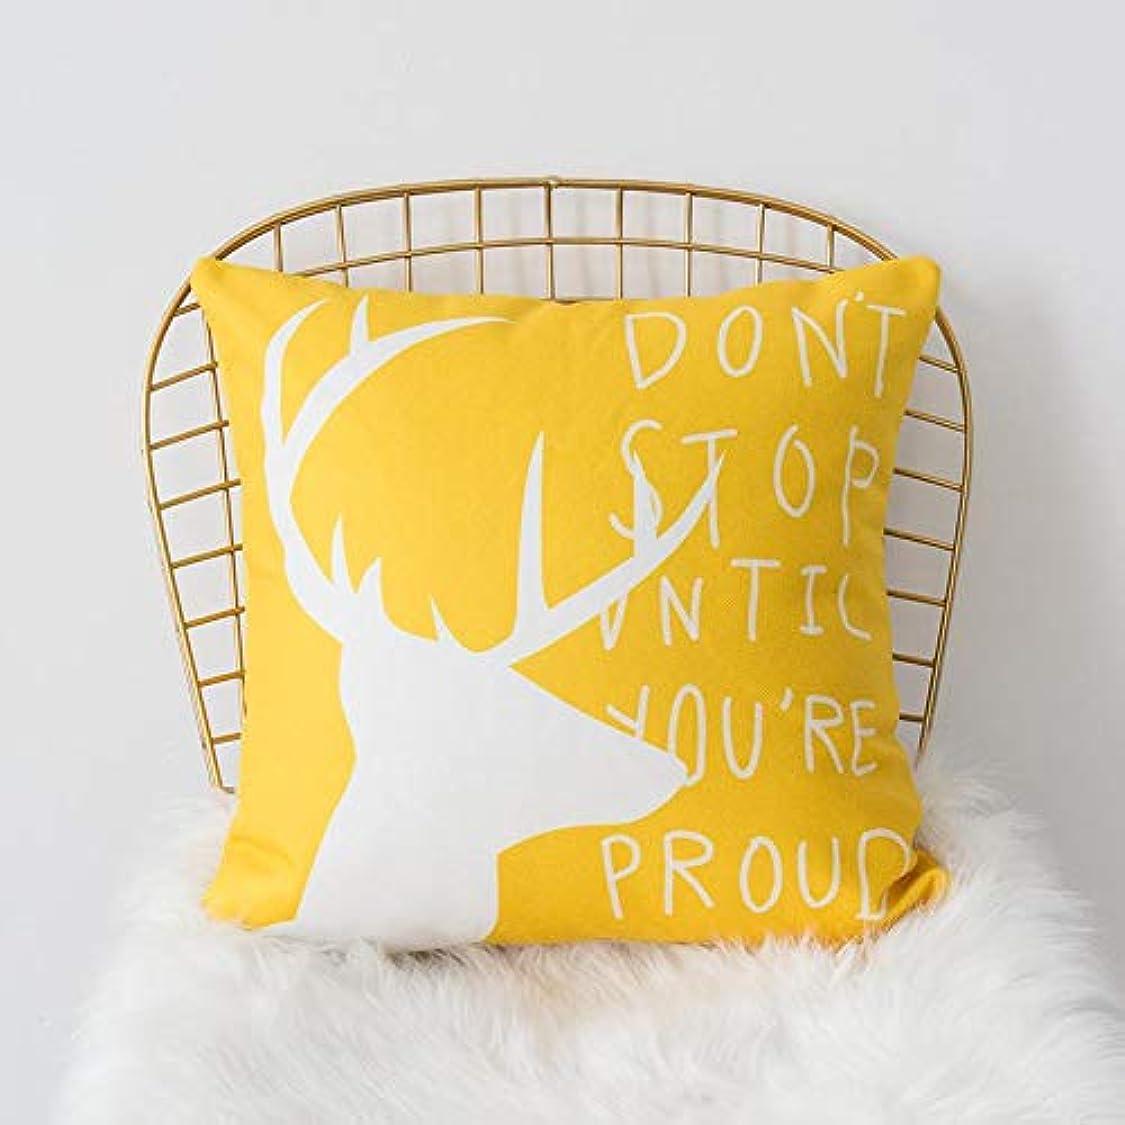 貞ポゴスティックジャンプ医学LIFE 黄色グレー枕北欧スタイル黄色ヘラジカ幾何枕リビングルームのインテリアソファクッション Cojines 装飾良質 クッション 椅子